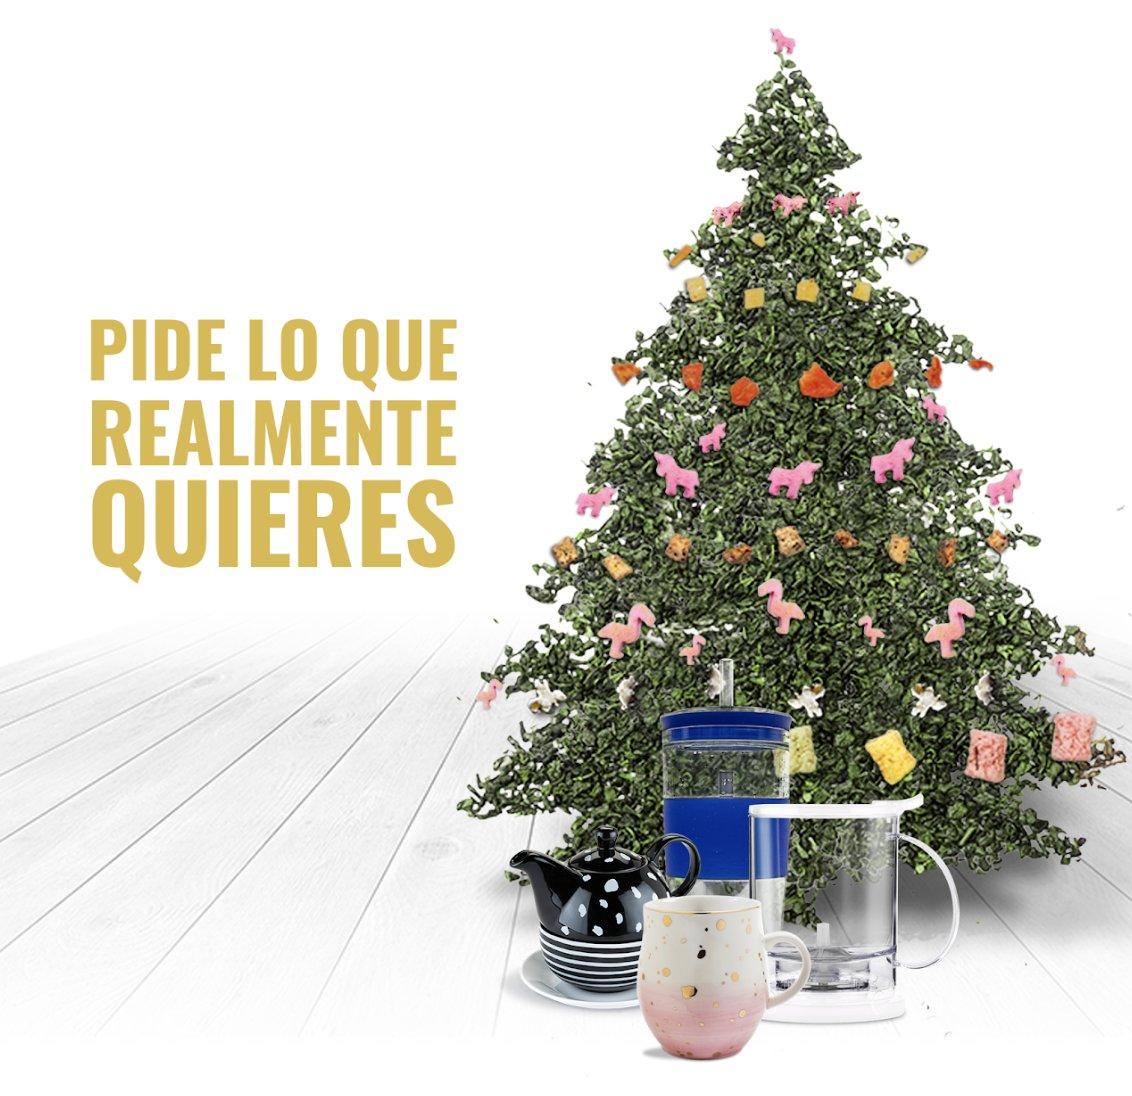 ¡Felices Fiestas #Tealover!  Disfrútalo con tus seres queridos y una deliciosa taza de #té  #descubreizlah #izlah #christmas